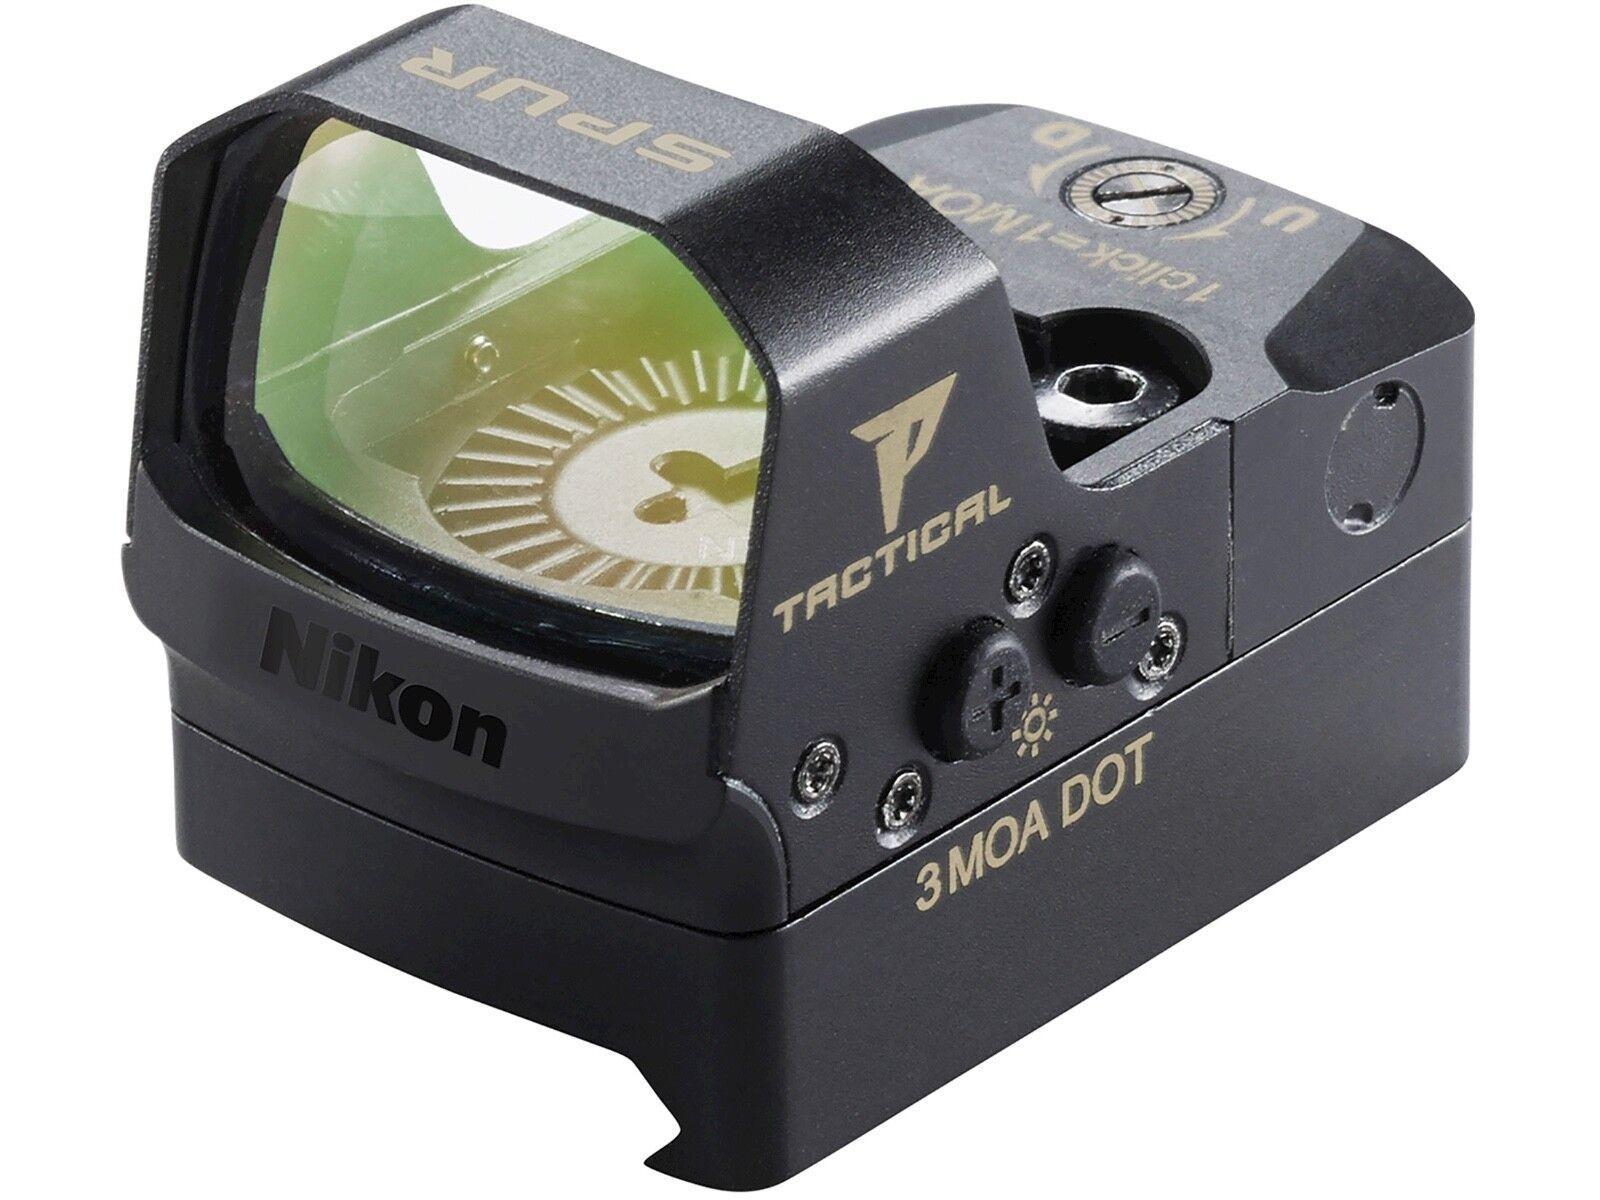 Nikon P-táctico Espuela Visor de punto rojo Rifle Montaje 3 MOA punto Picatinny 16532